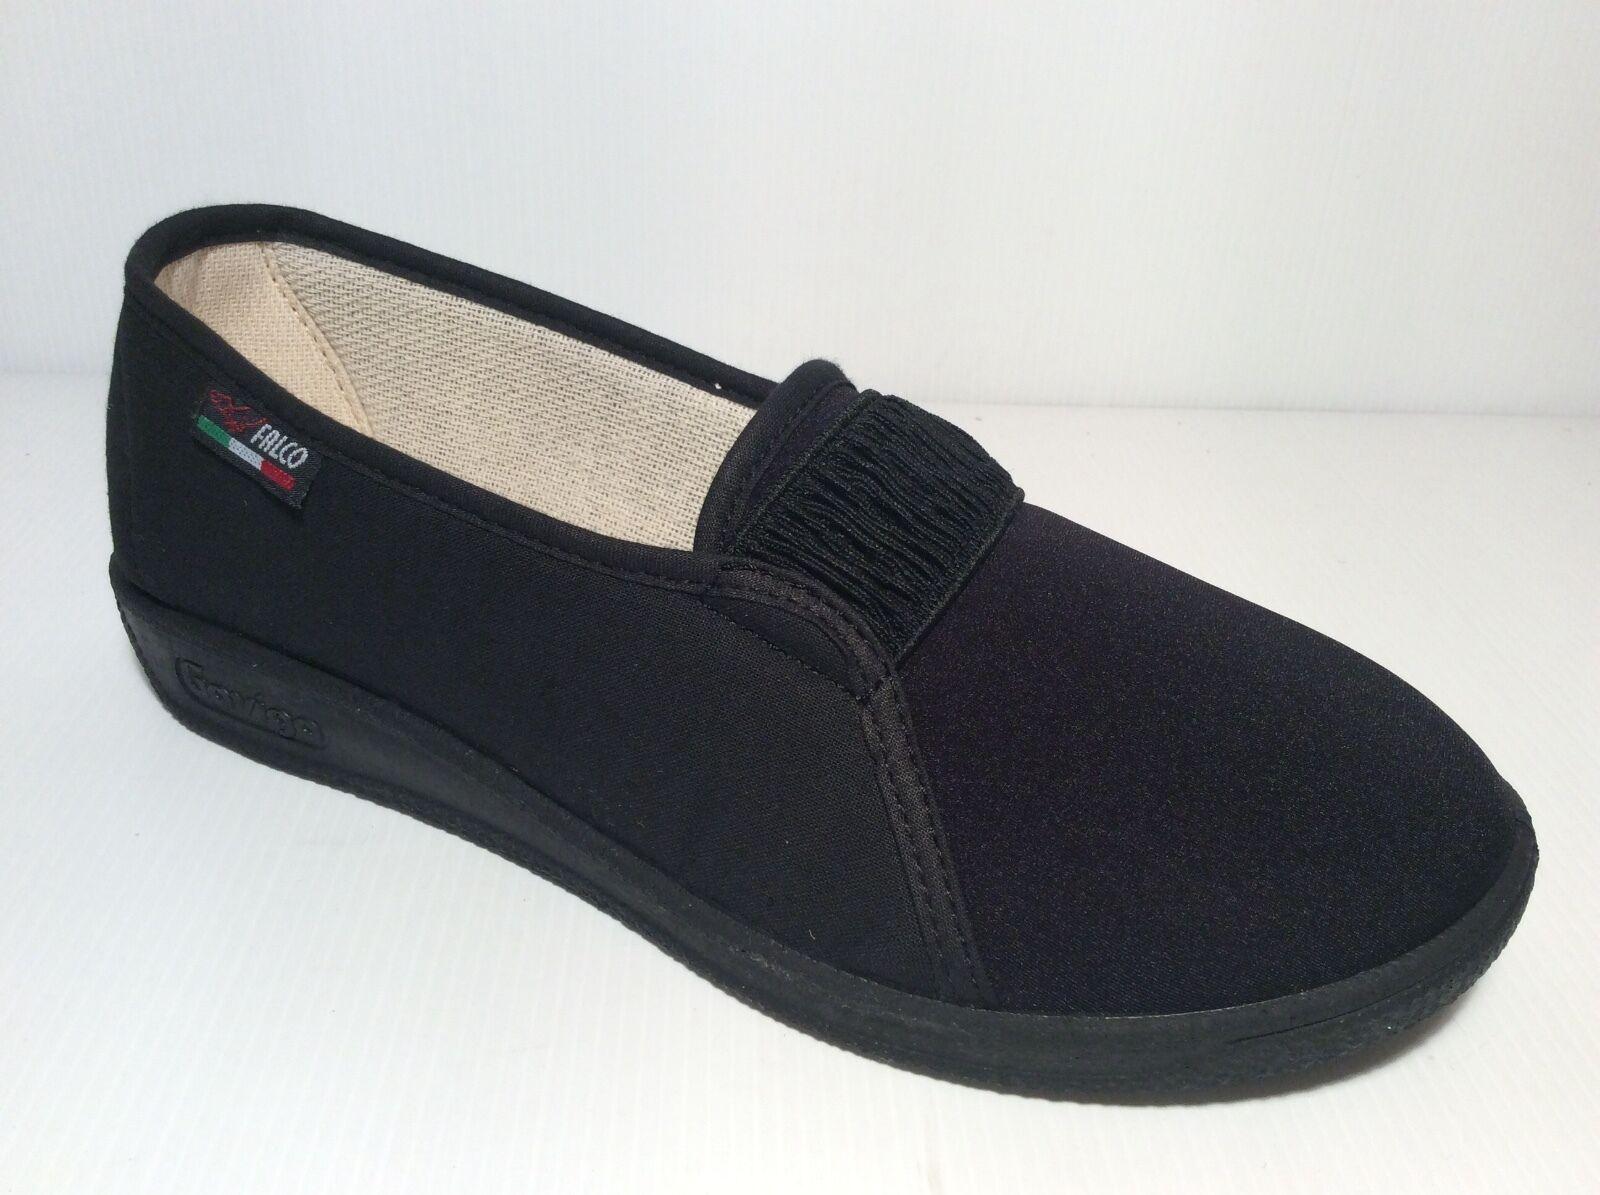 GAVIGA 195 nero pantofola Estiva Donna Elasticizzata Riabilitazione antiscivolo